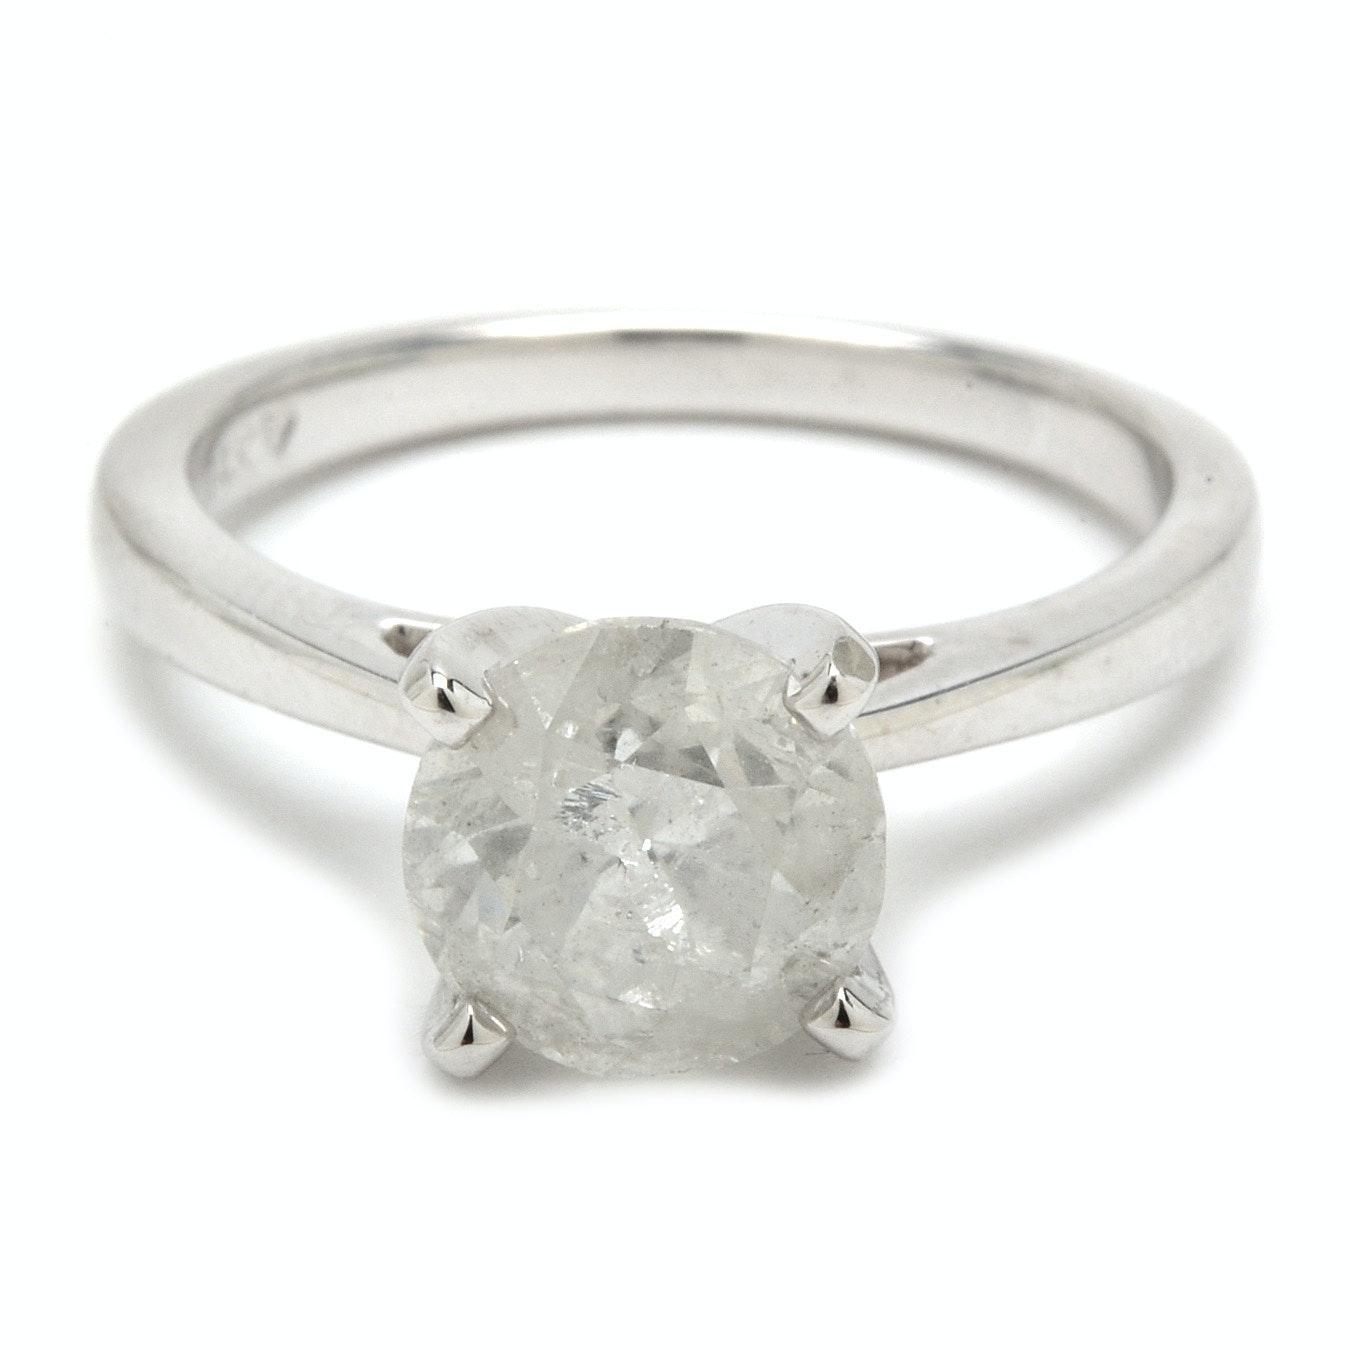 18K White Gold 2.14 CT Diamond Ring